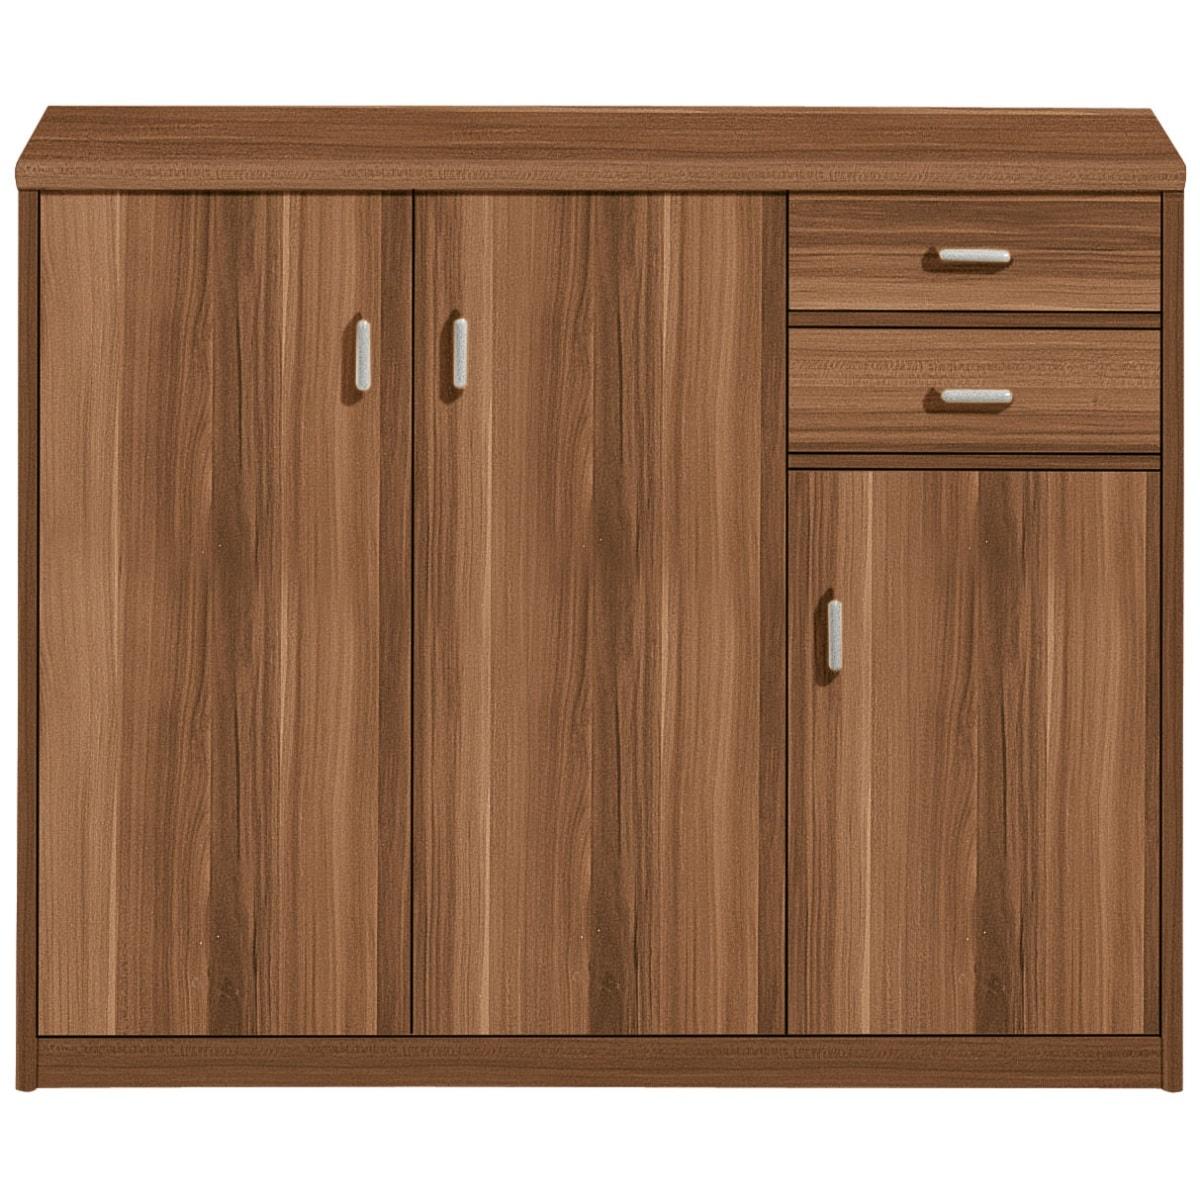 mehrzweckschrank soft nussbaum nachbildung ca 106 x 84 x 36 cm porta. Black Bedroom Furniture Sets. Home Design Ideas